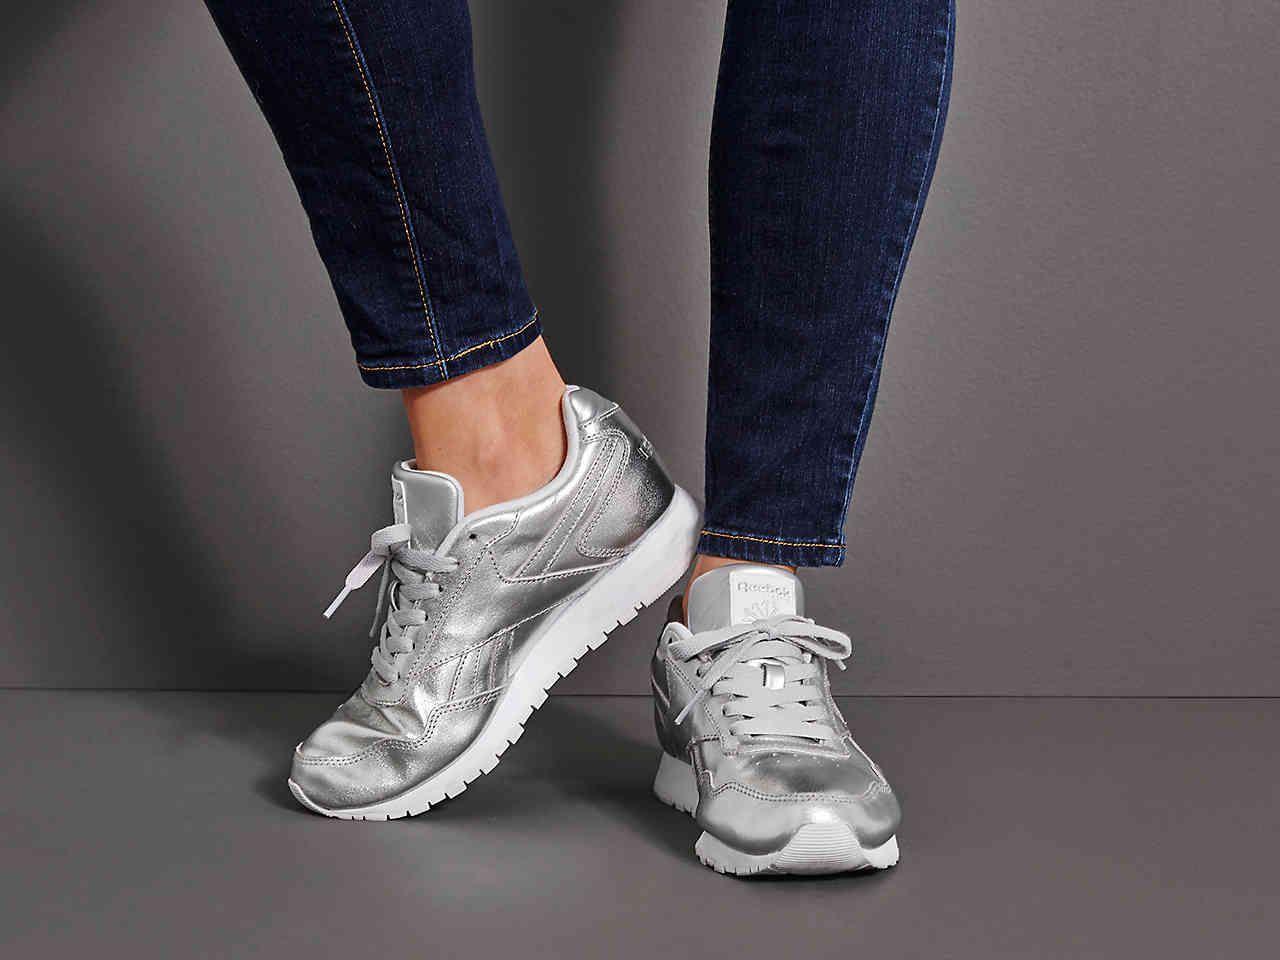 74681d80564f5 Reebok Harman Run Sneaker - Women s Women s Shoes